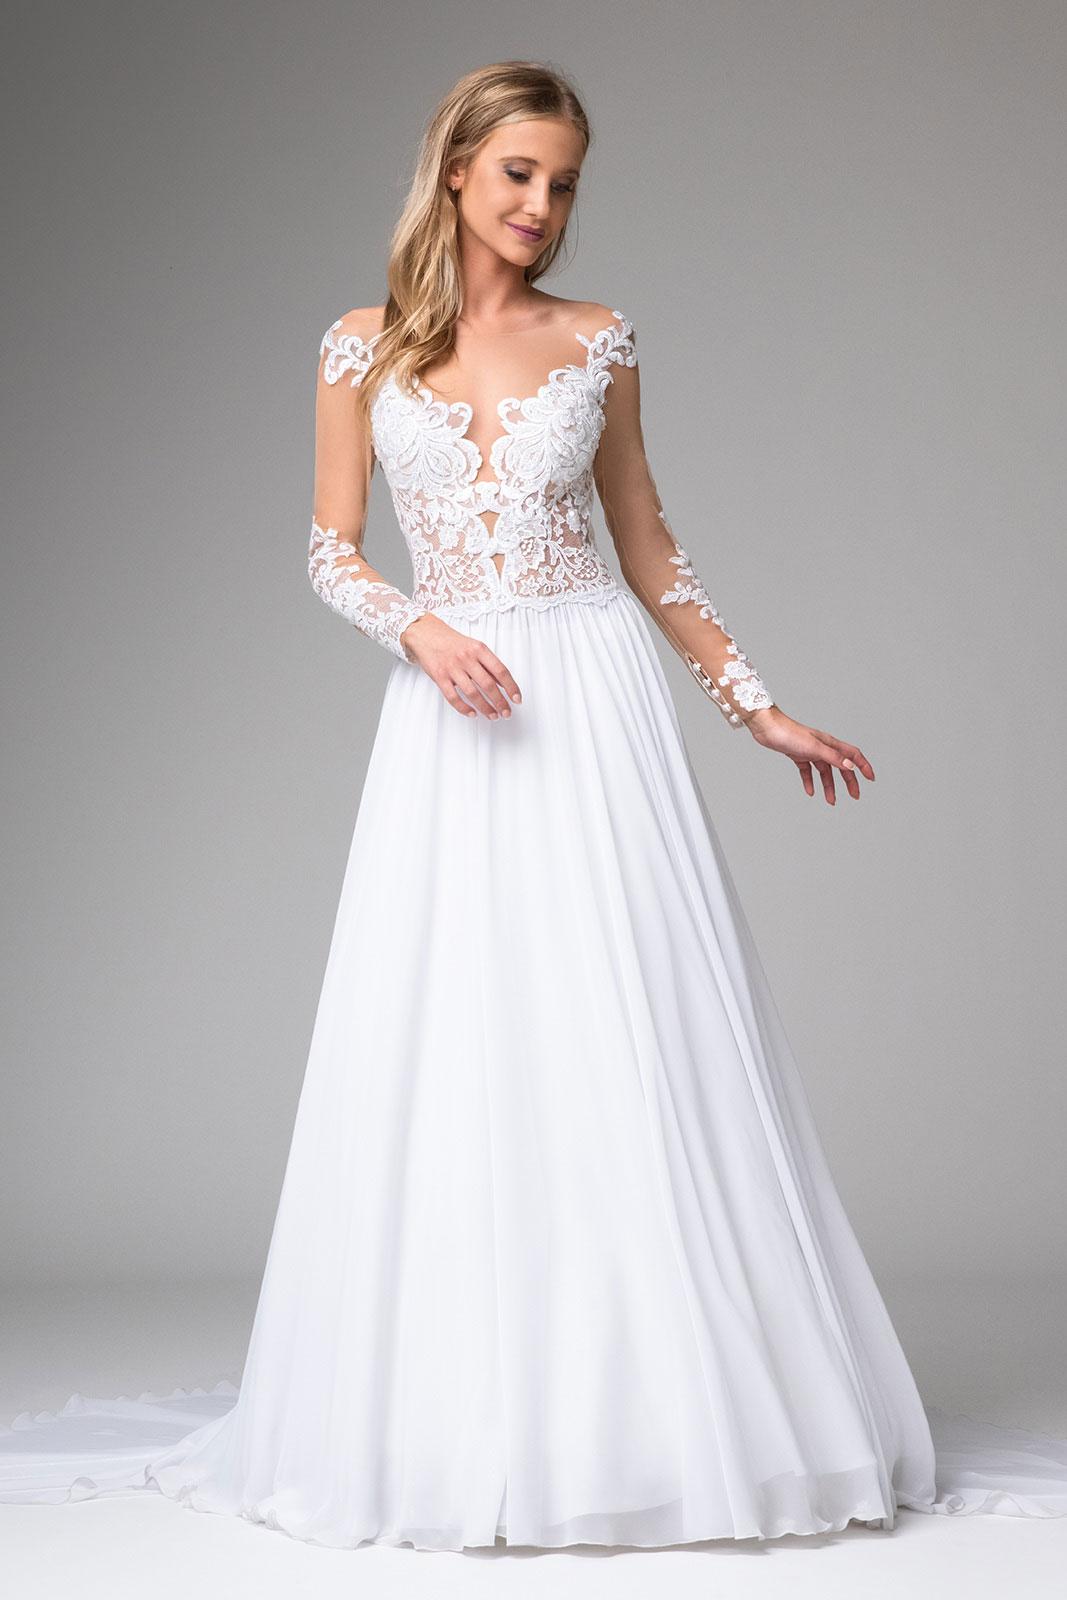 Brautkleider a linie mit Ärmeln Maßanfertigung - Kleiderfreuden